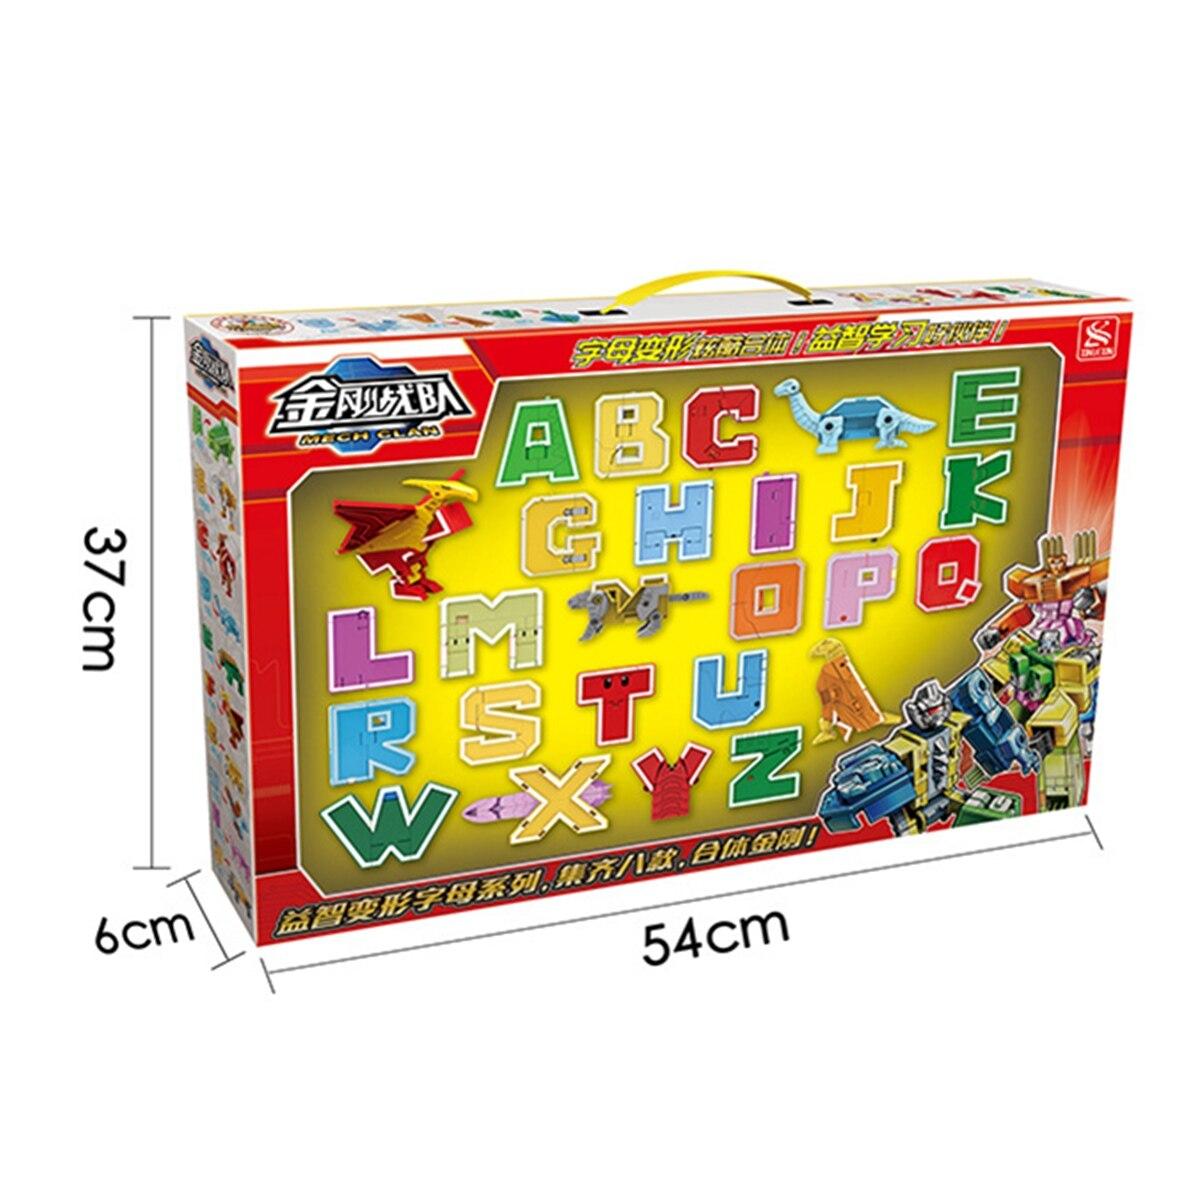 26 pièces lettre anglaise Robot déformation Alphabet Transformations Puzzle dinosaure Robot bricolage blocs de construction enfants jouets éducatifs - 4